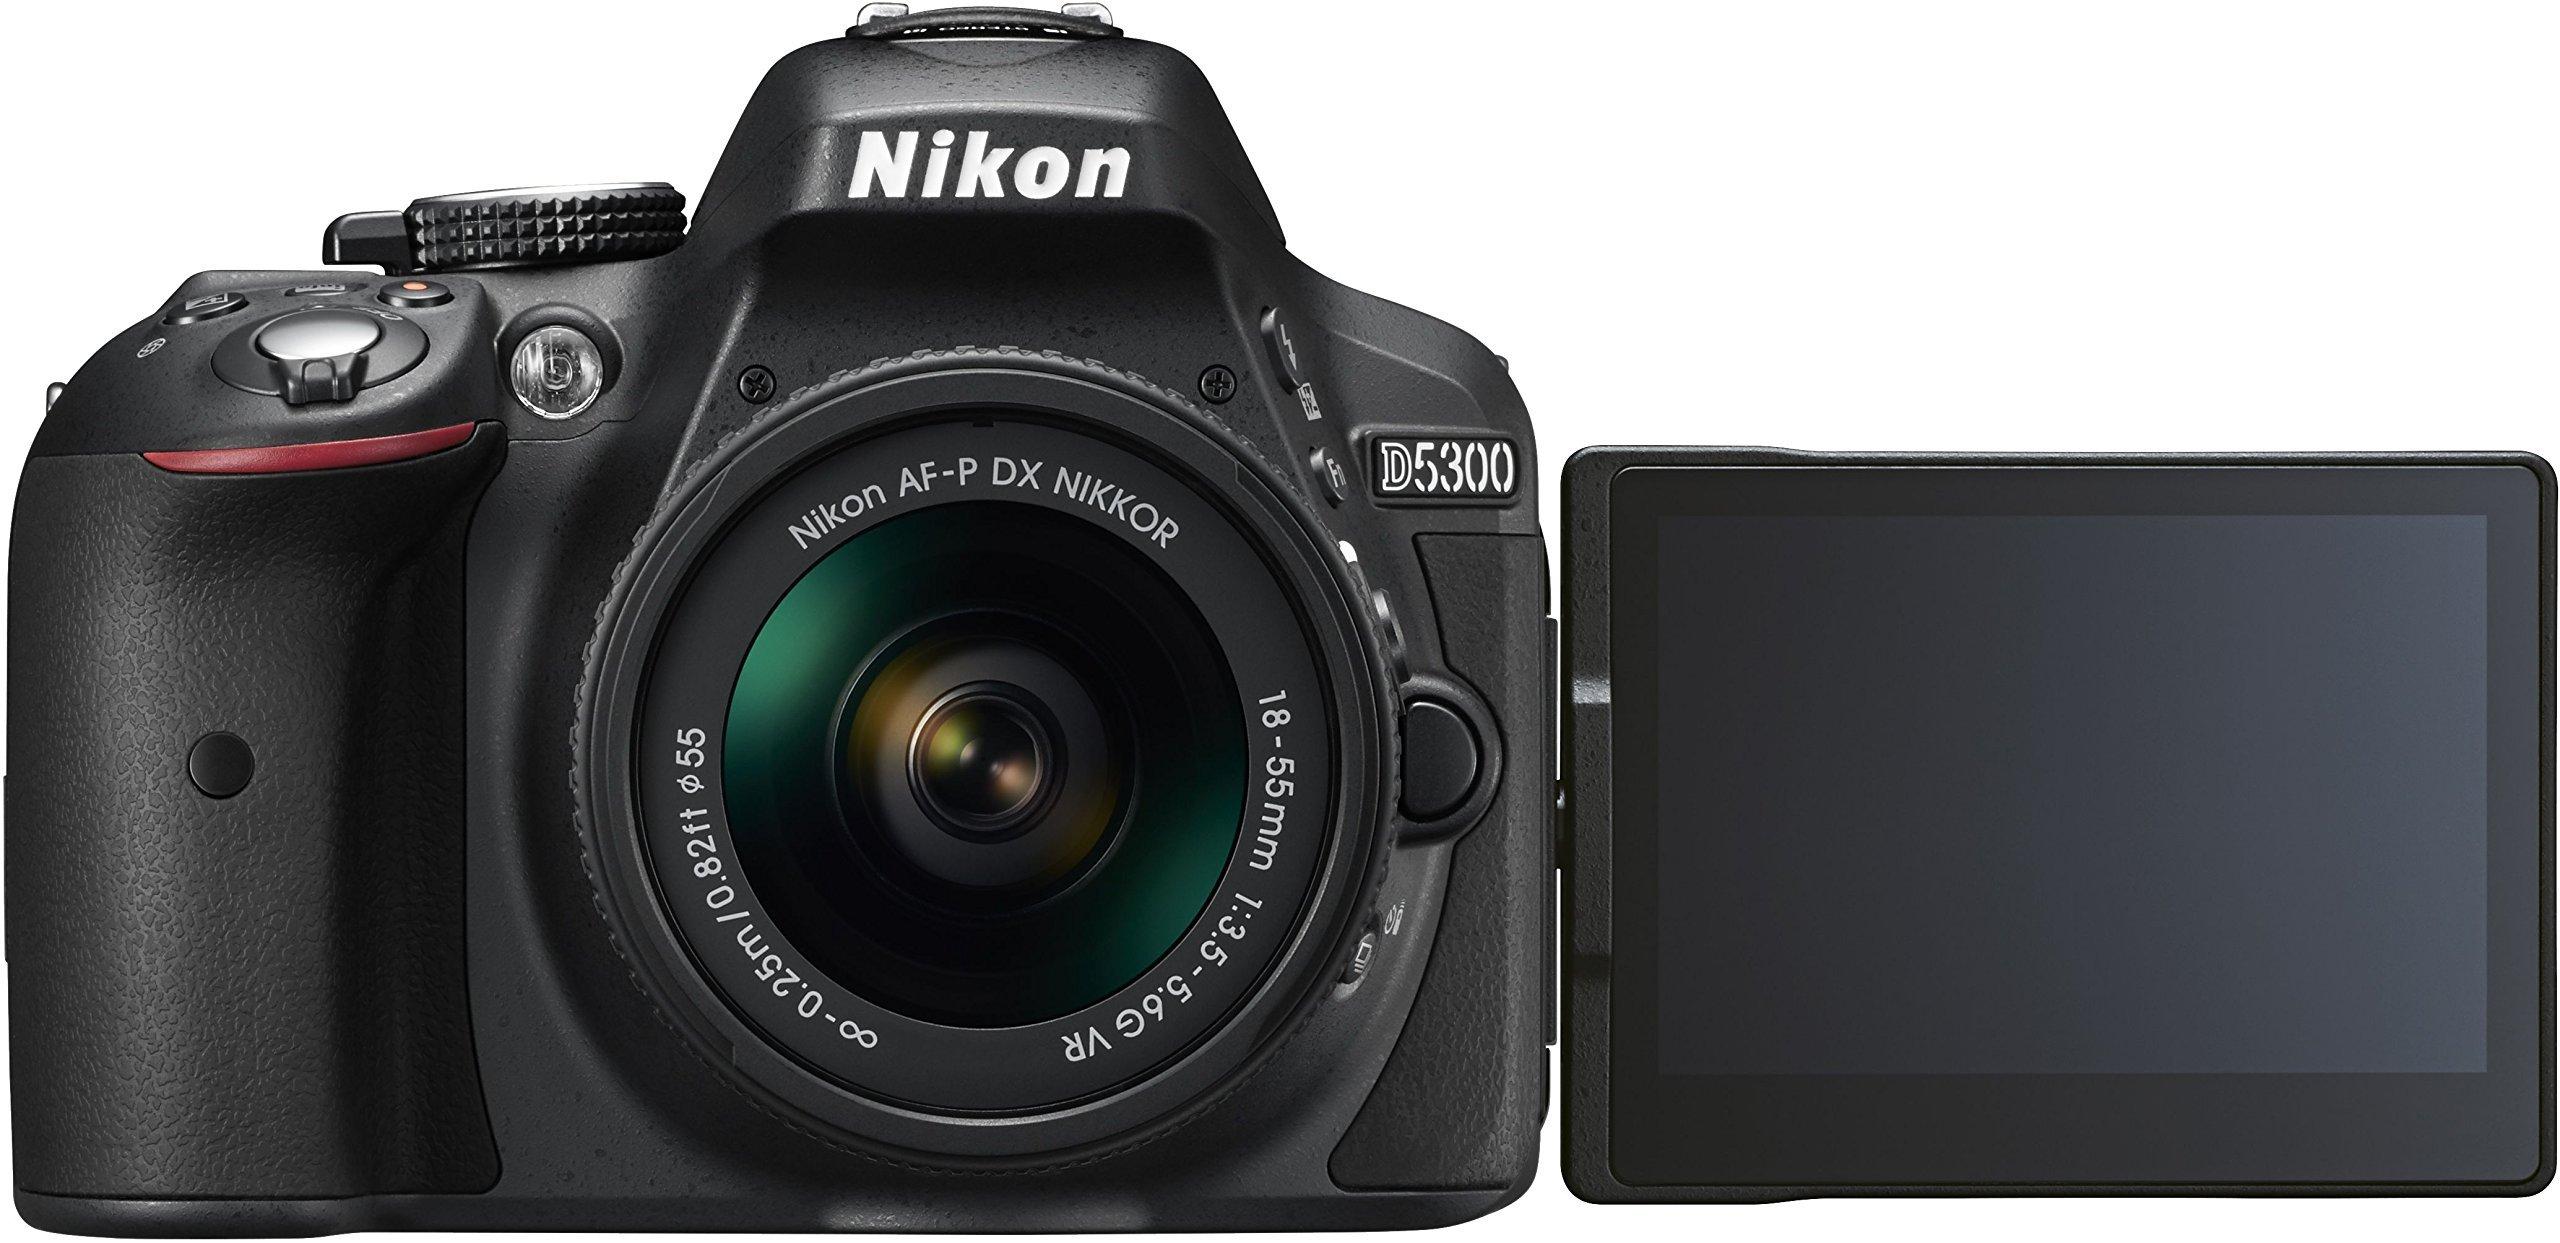 Nikon D5300 Fotocamera reflex digitale con obiettivo singolo, Nero product image